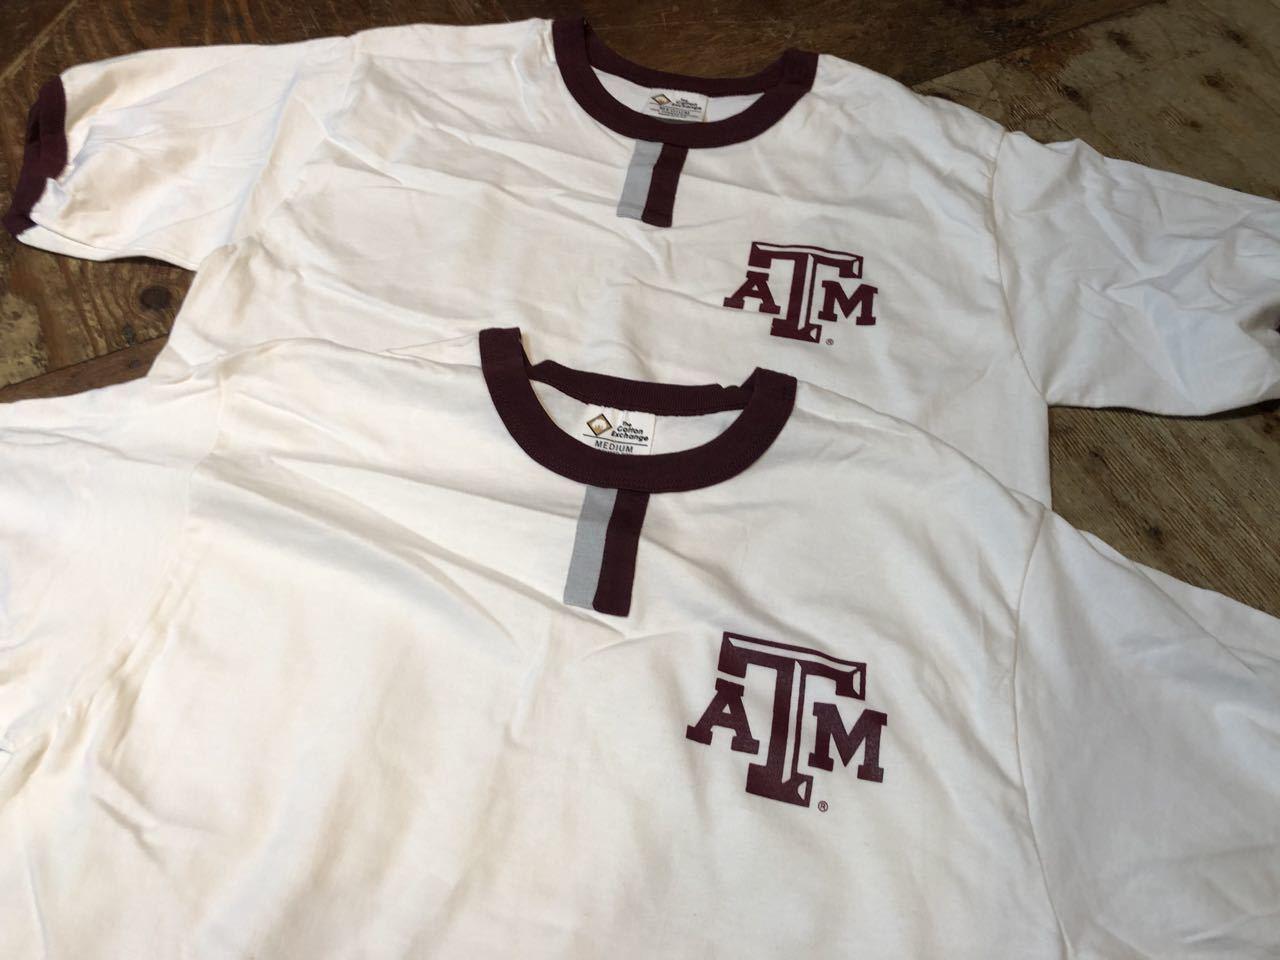 8月9日(日)入荷! 80s デッドストック #2  MADE IN U.S.A  the cotton exchange コットンエクスチェンジ ちょこチン Tシャツ!_c0144020_15423759.jpg